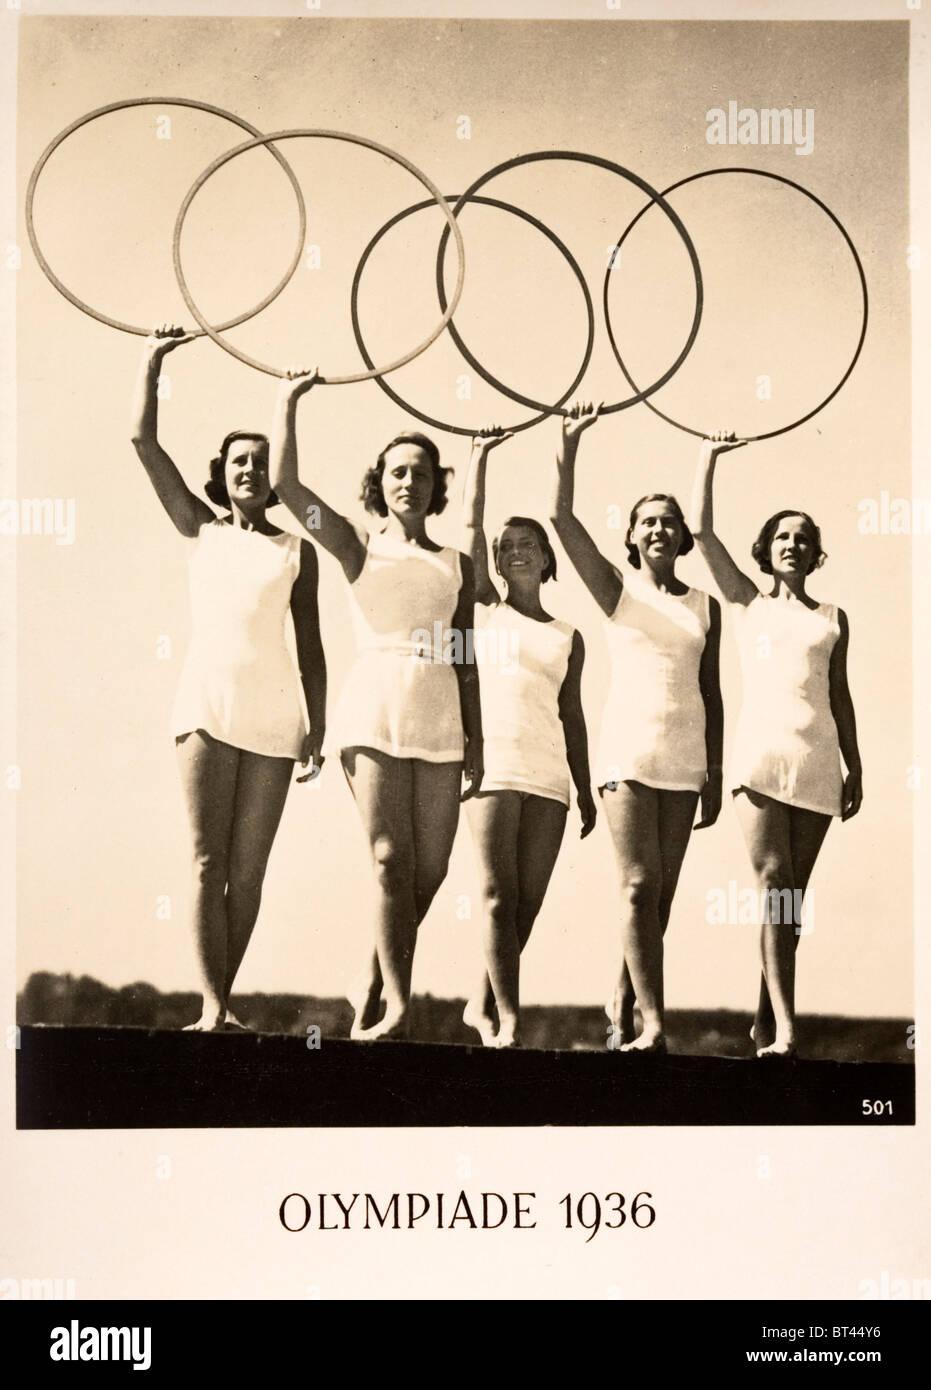 Olympiade 1936. Cartolina di pubblicità per il 1936 ai Giochi Olimpici di Berlino. Cinque donne azienda fino Immagini Stock